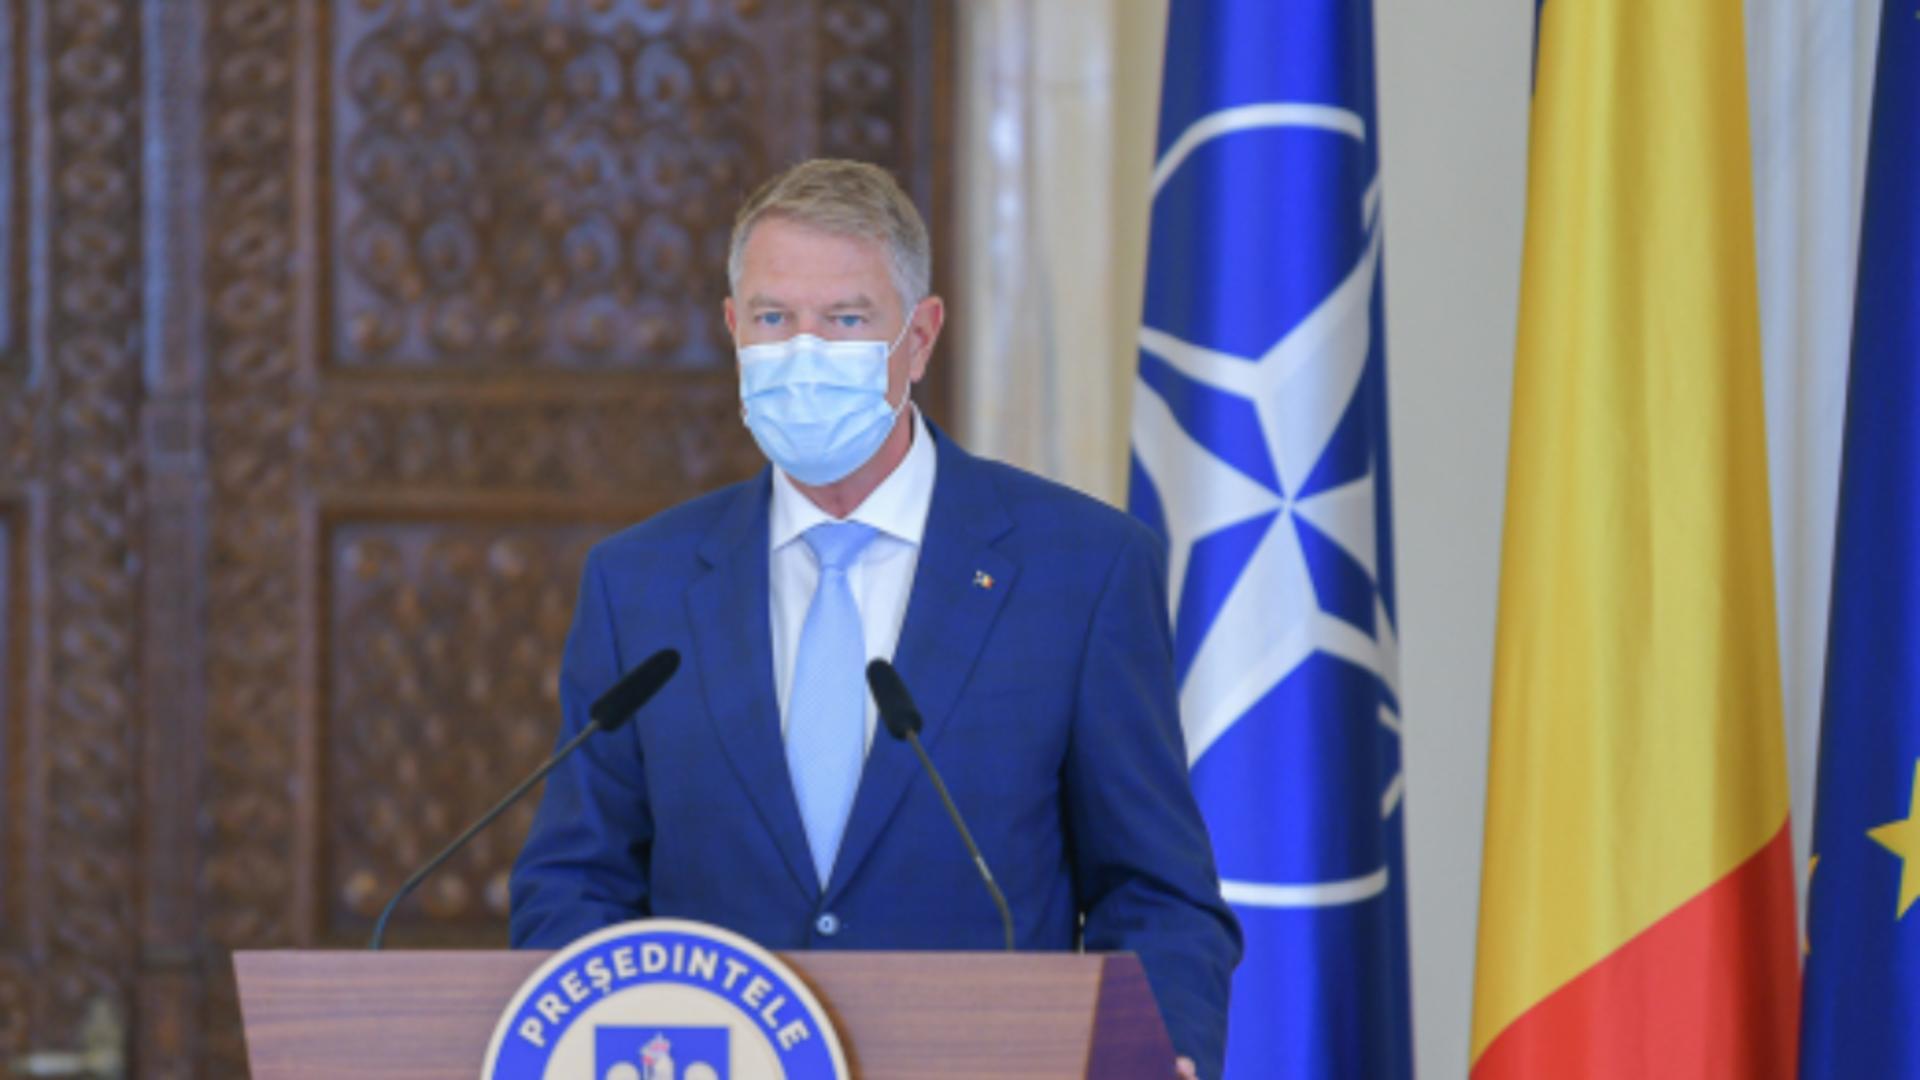 Președintele Iohannis, în cărți pentru șefia Alianței Nord Atlantice. Foto/președinția României